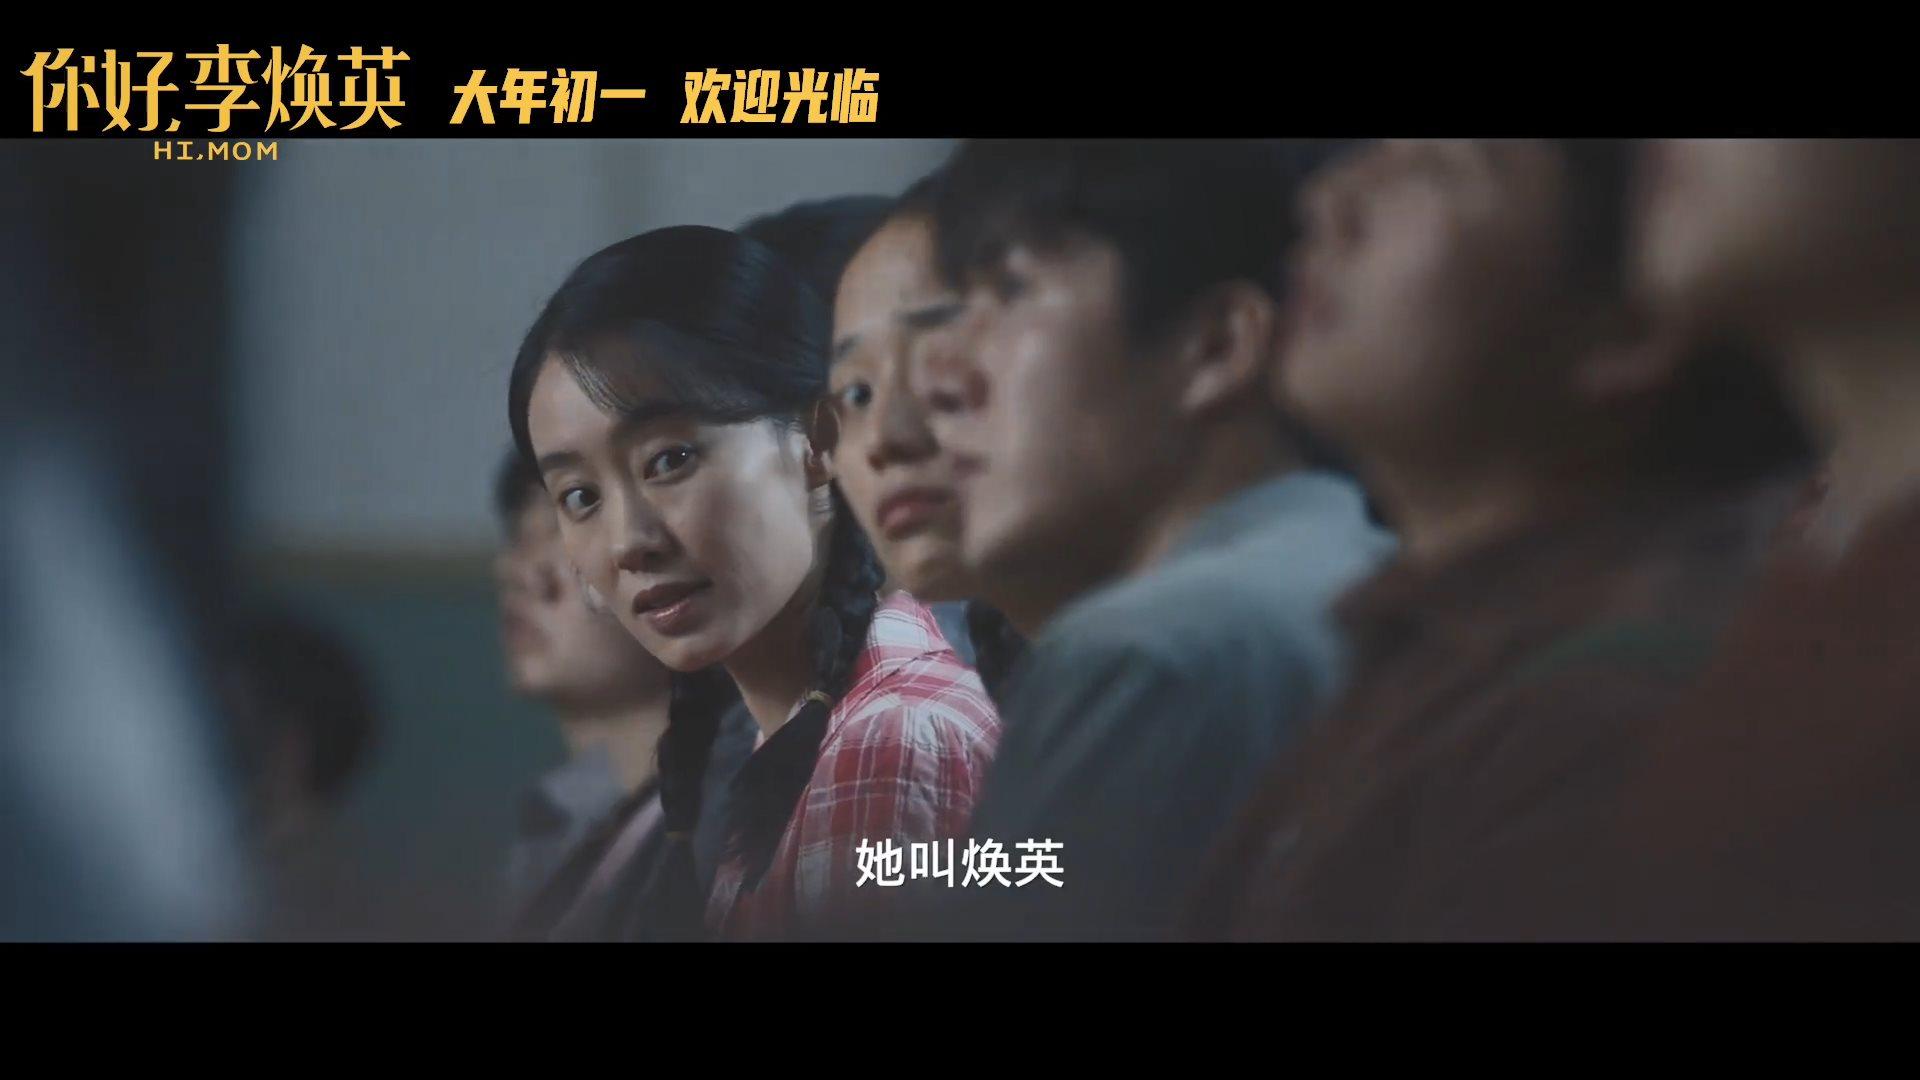 沈腾、贾玲《你好,李焕英》定档 大年初一上映播出